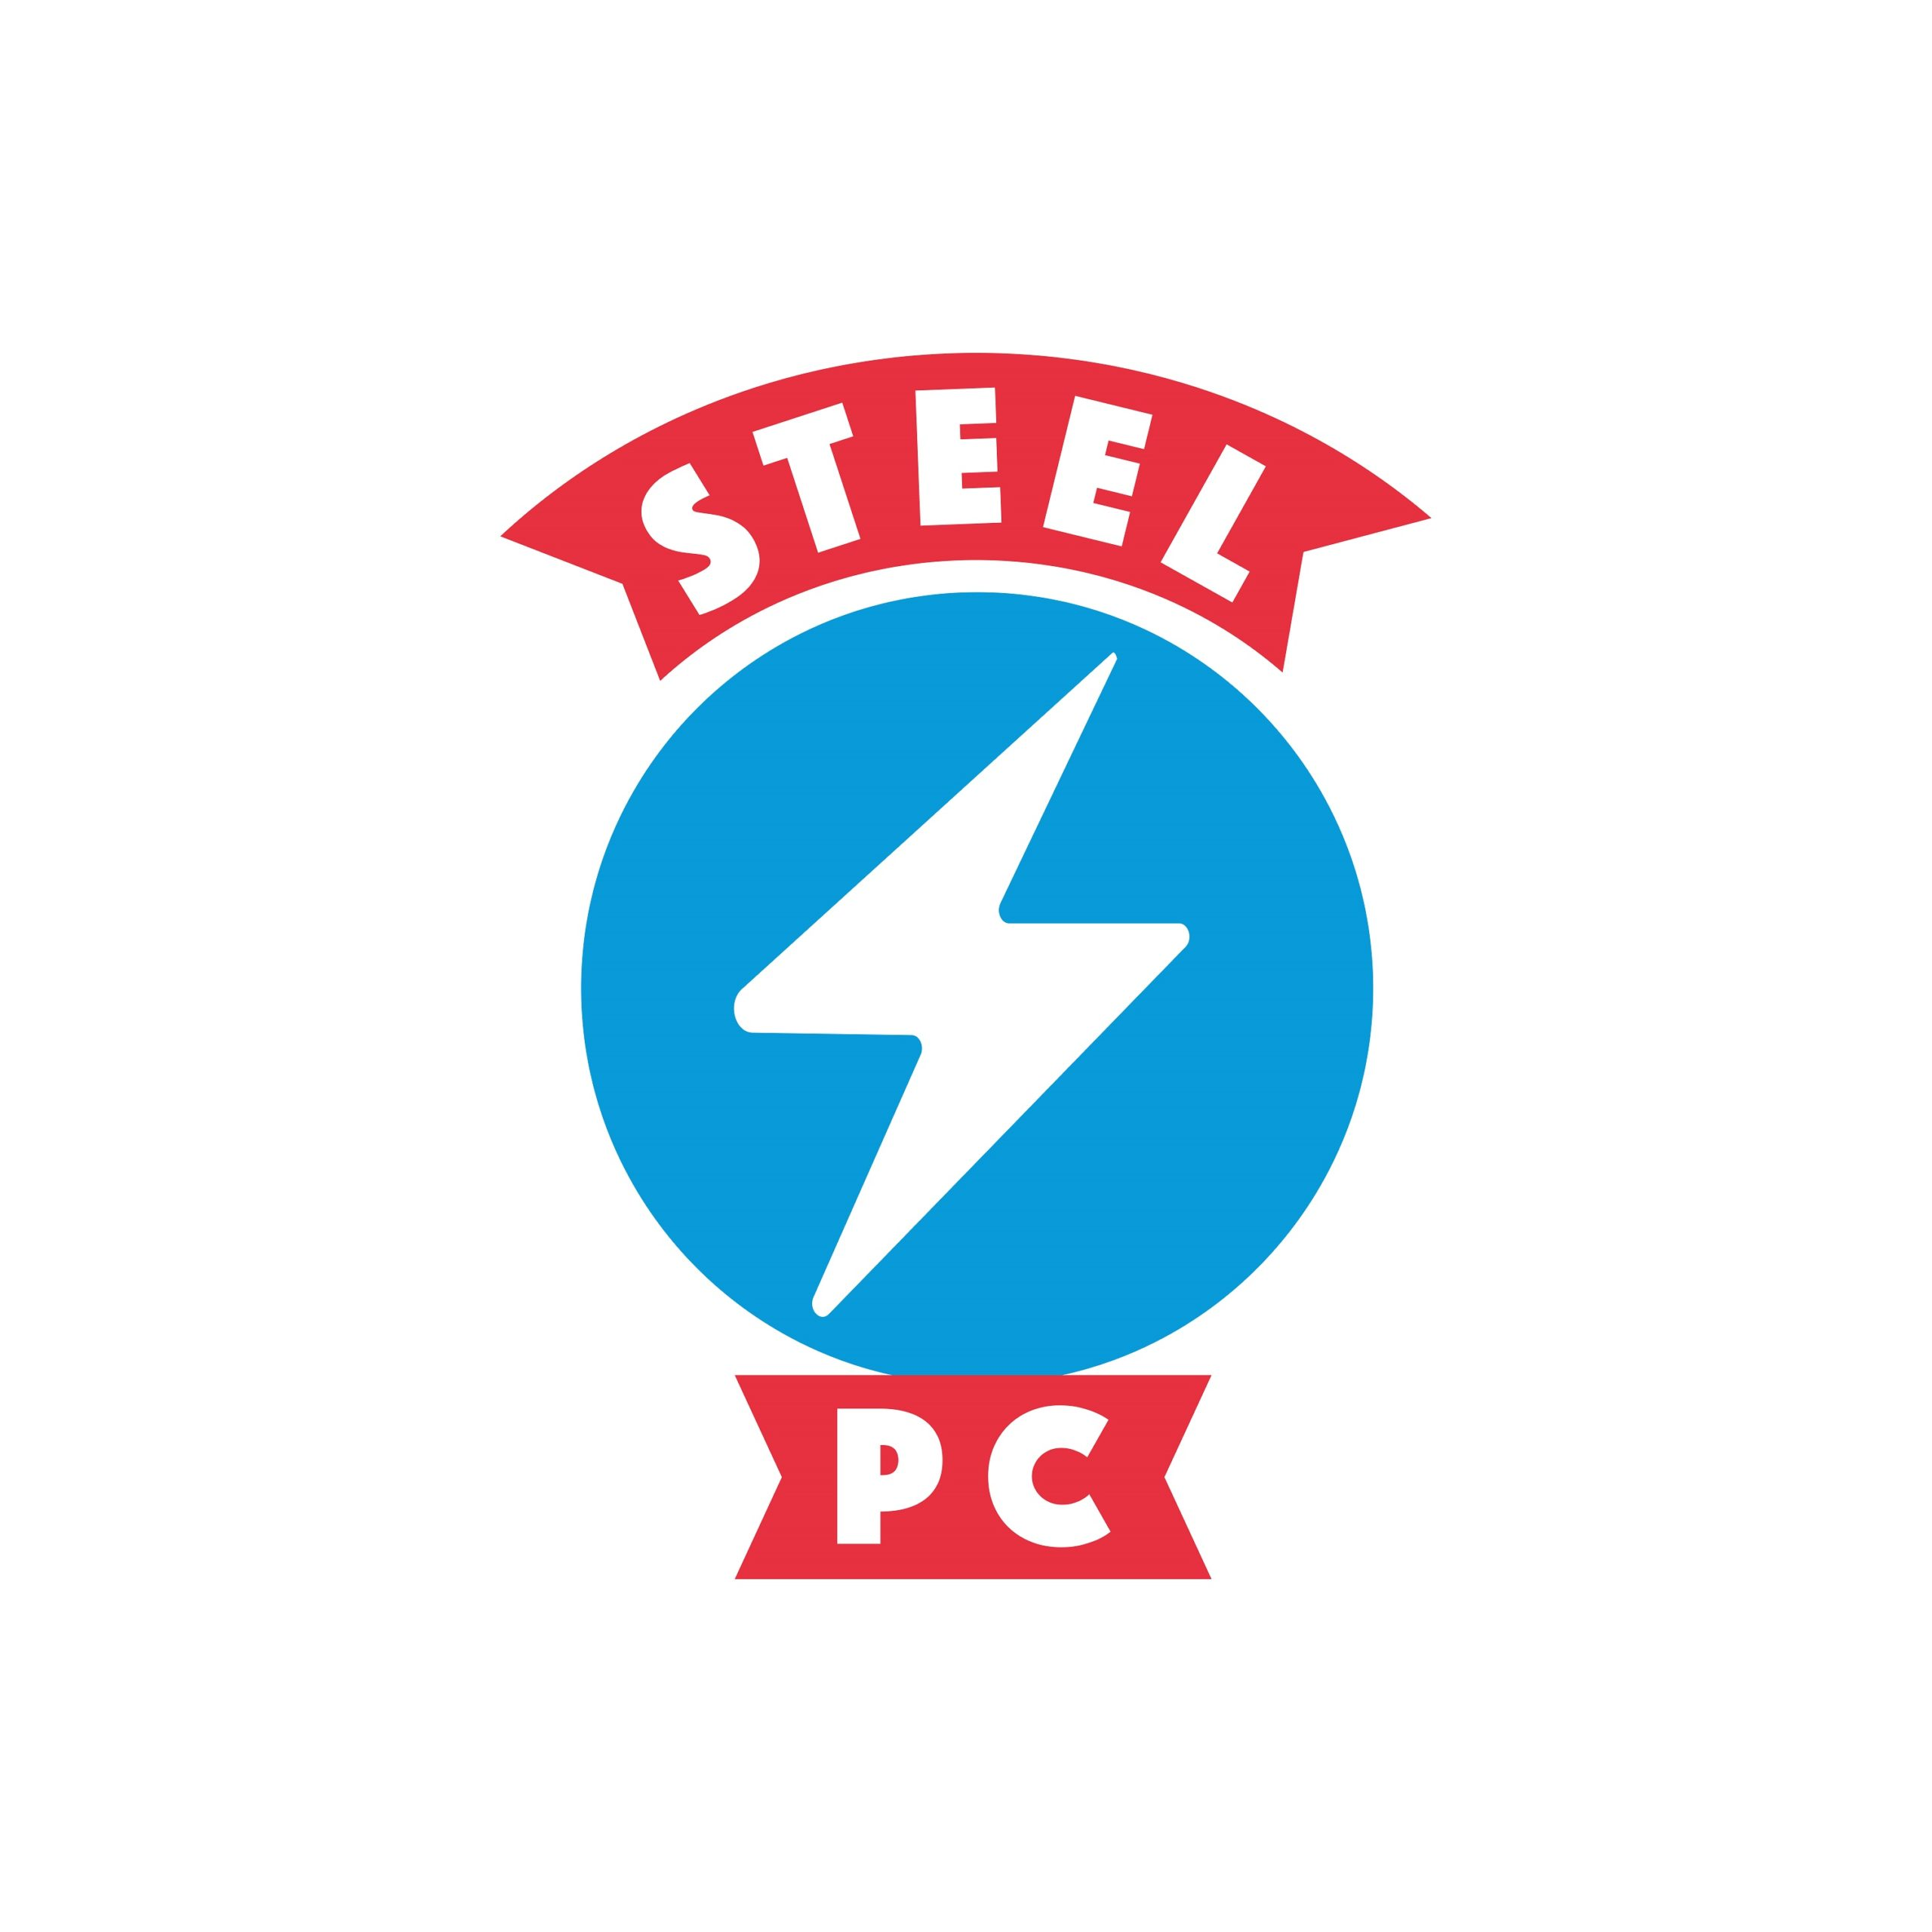 logo hd steel pc